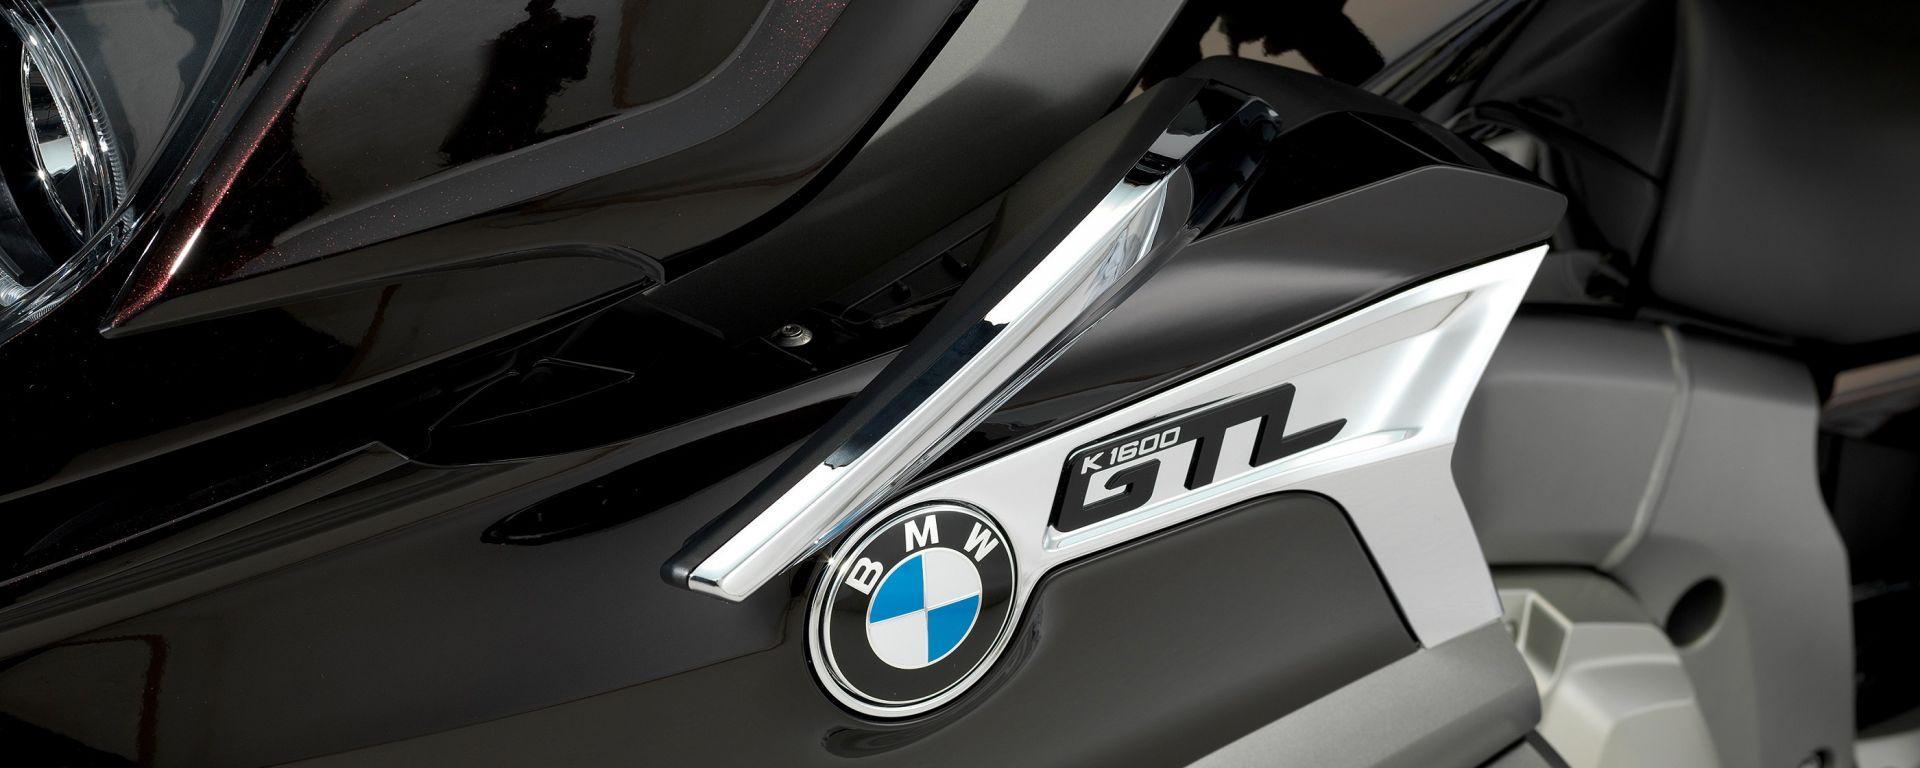 BMW K 1600 GTL 2017, quando viaggiare è un'arte